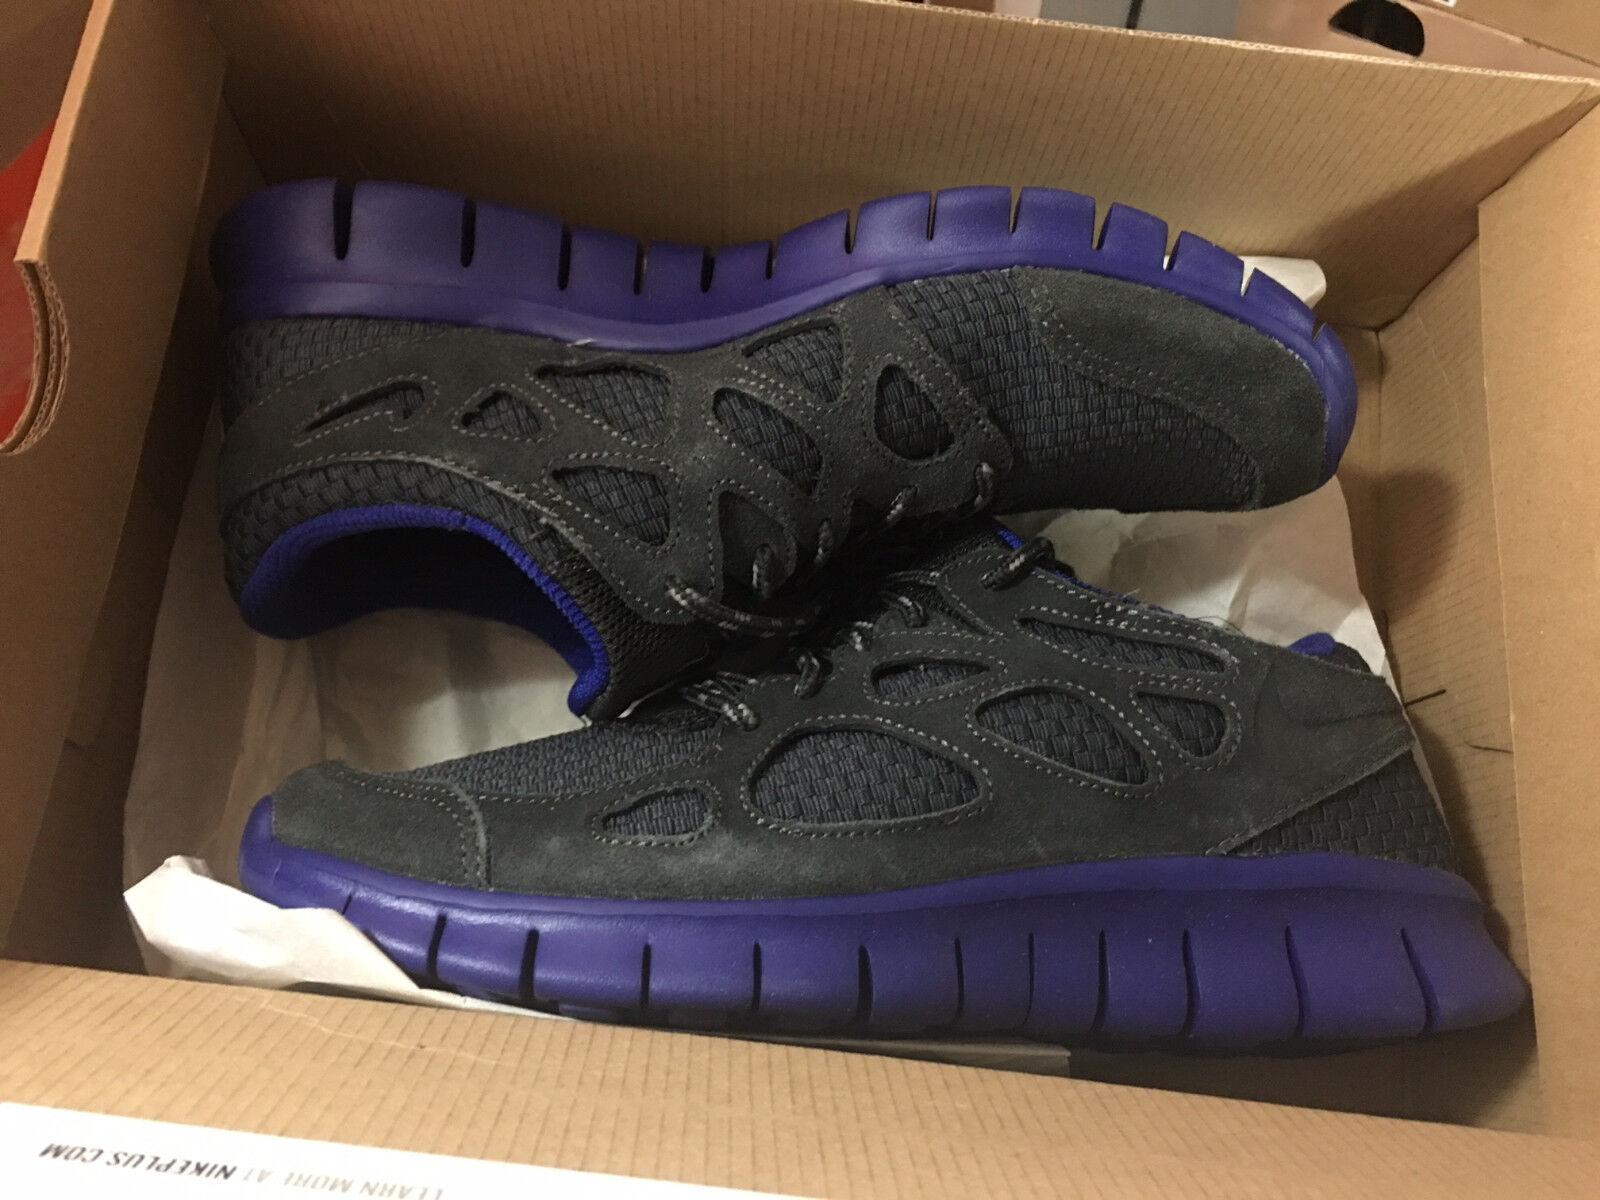 NIKE Free Run +2 WVN Neu Gr:43 US:9,5 Presto Flyknit Trainer 5.0 Sneaker90 95 97